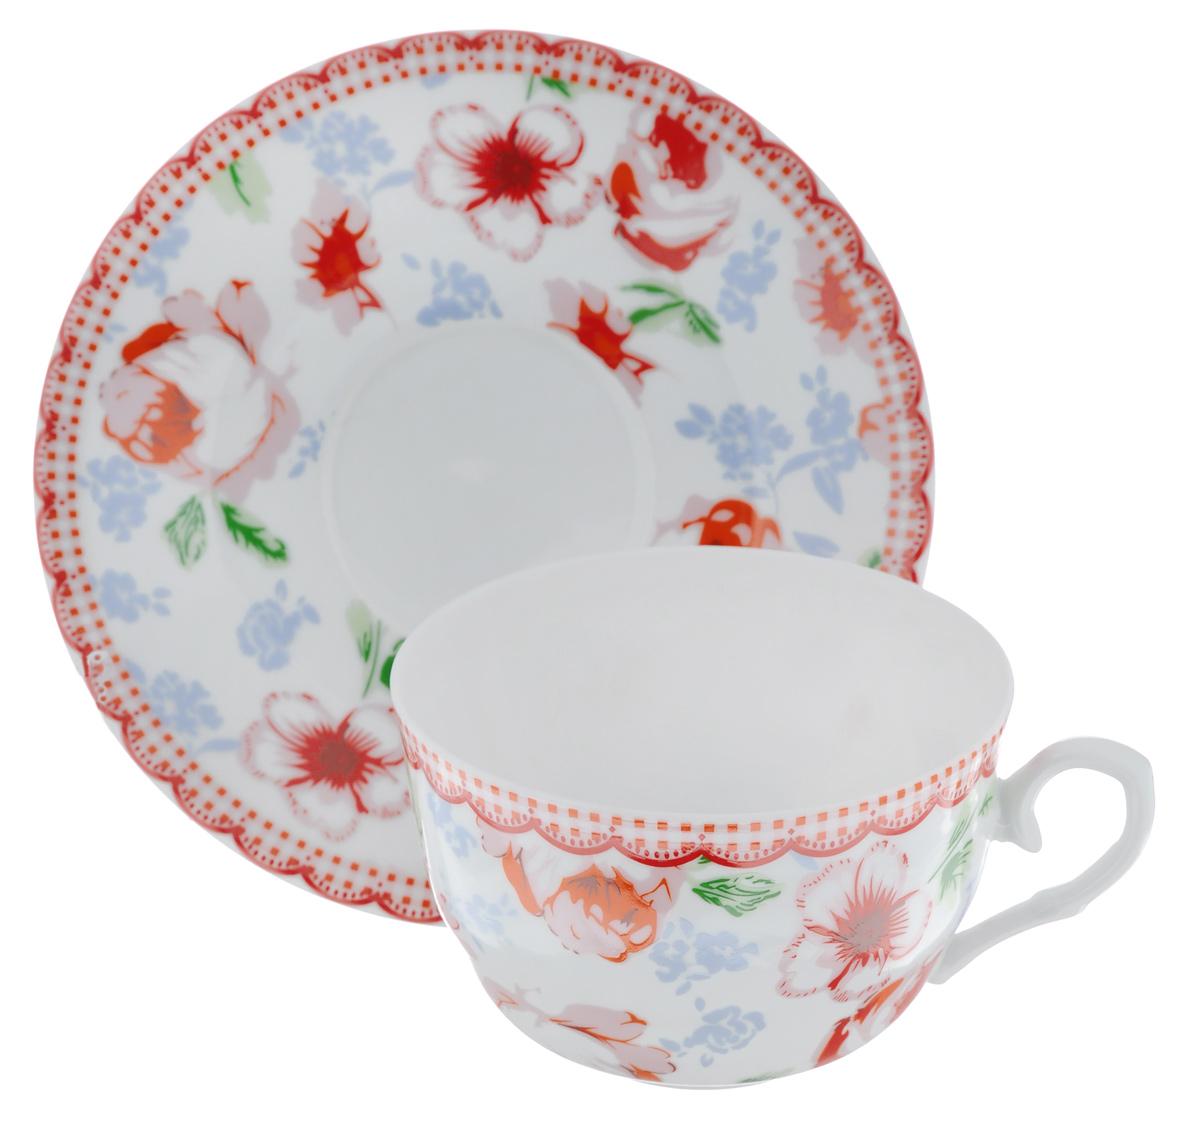 Чайная пара LarangE Кантри, цвет: белый, красный, 2 предмета586-336Чайная пара LarangE Кантри состоит из чашки и блюдца,изготовленных из фарфора. Предметы набора оформленыизящным ярким рисунком.Чайная пара LarangE Кантри украсит ваш кухонный стол, а такжестанет замечательным подарком друзьям и близким.Объем чашки: 250 мл.Диаметр чашки по верхнему краю: 9 см.Высота чашки: 6 см.Диаметр блюдца: 14,5 см.